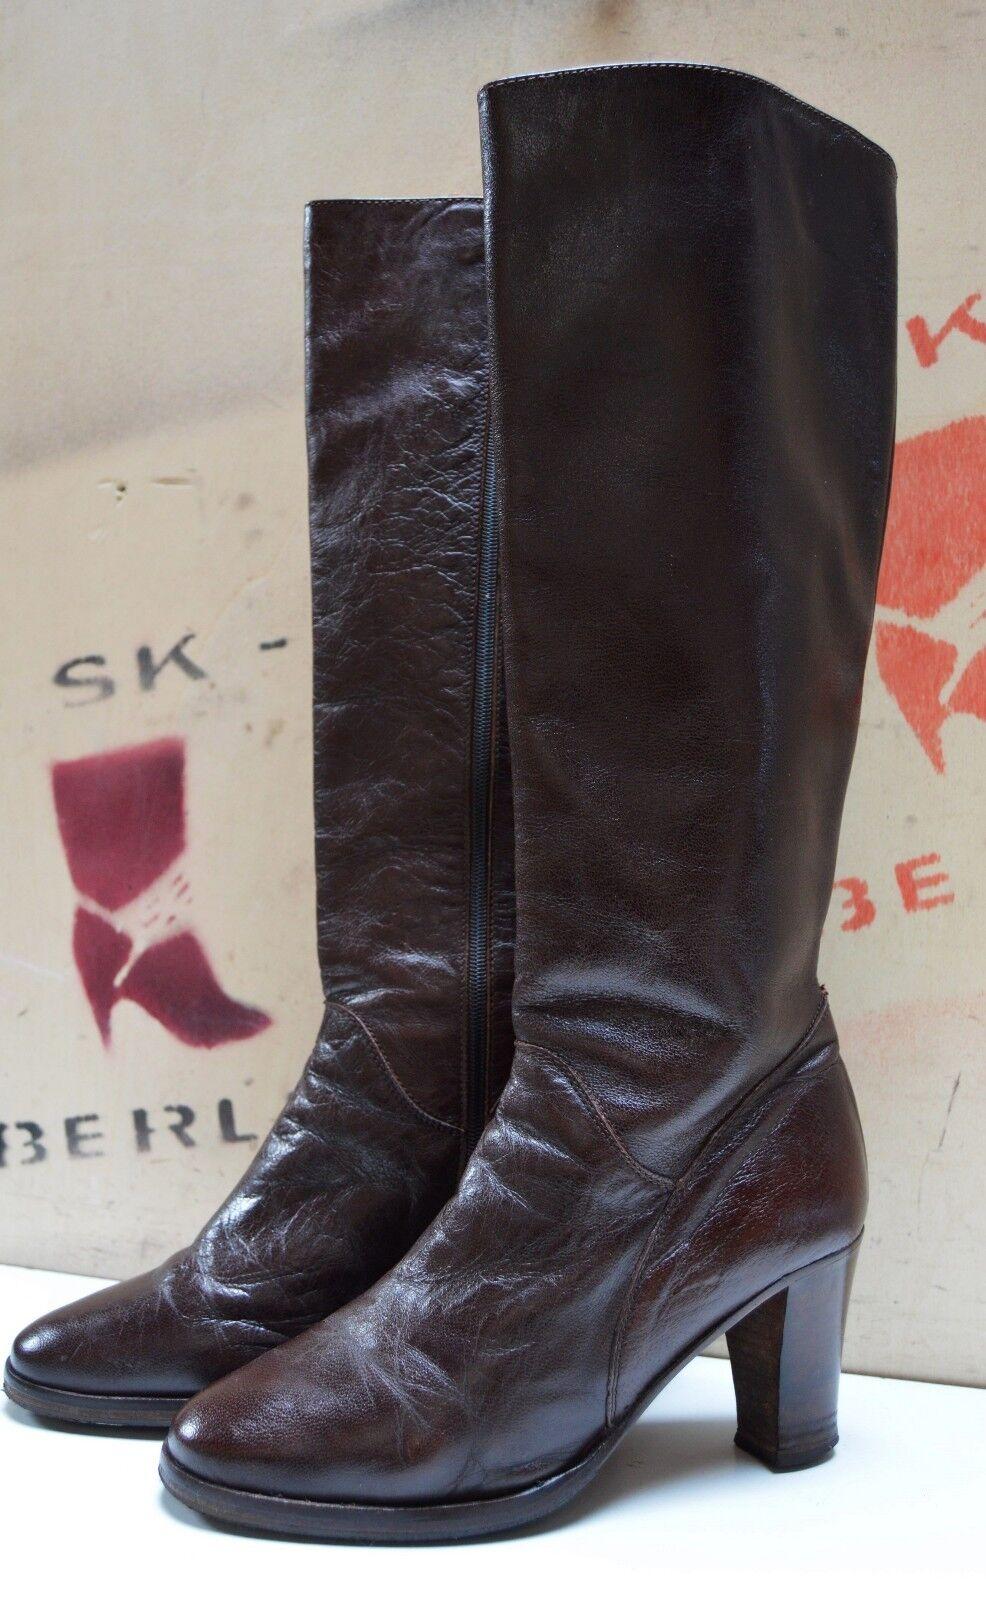 Señora botas made Italy 80er True vintage 80´s botas Stivali bloque heel marrón